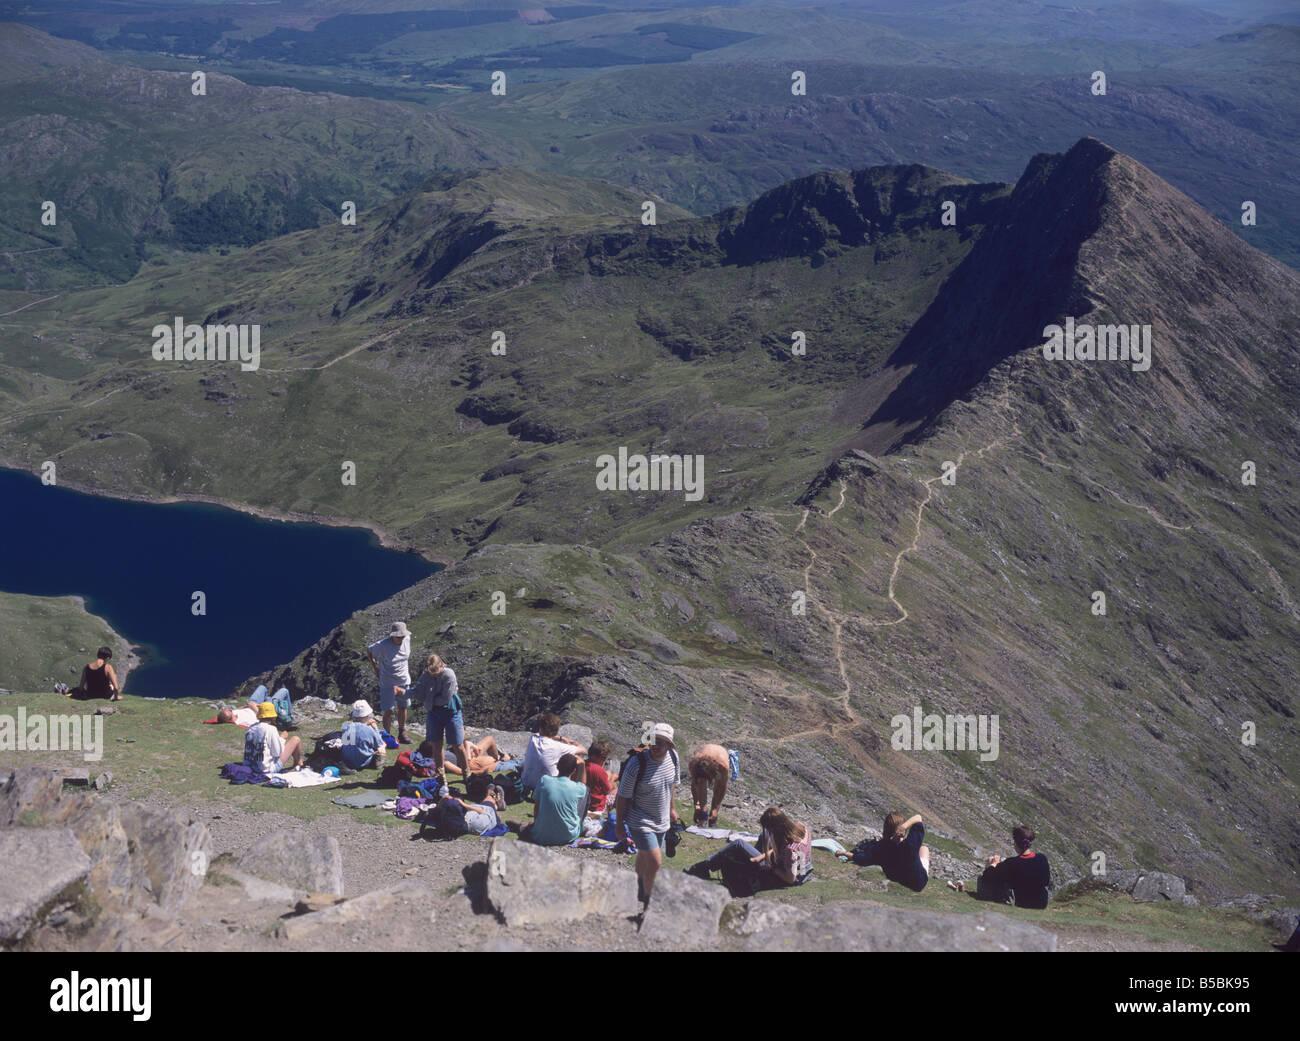 Caminantes rat la cumbre del monte Snowdon Llyn Llydaw depósito debajo, el Parque Nacional de Snowdonia, Gales del Foto de stock